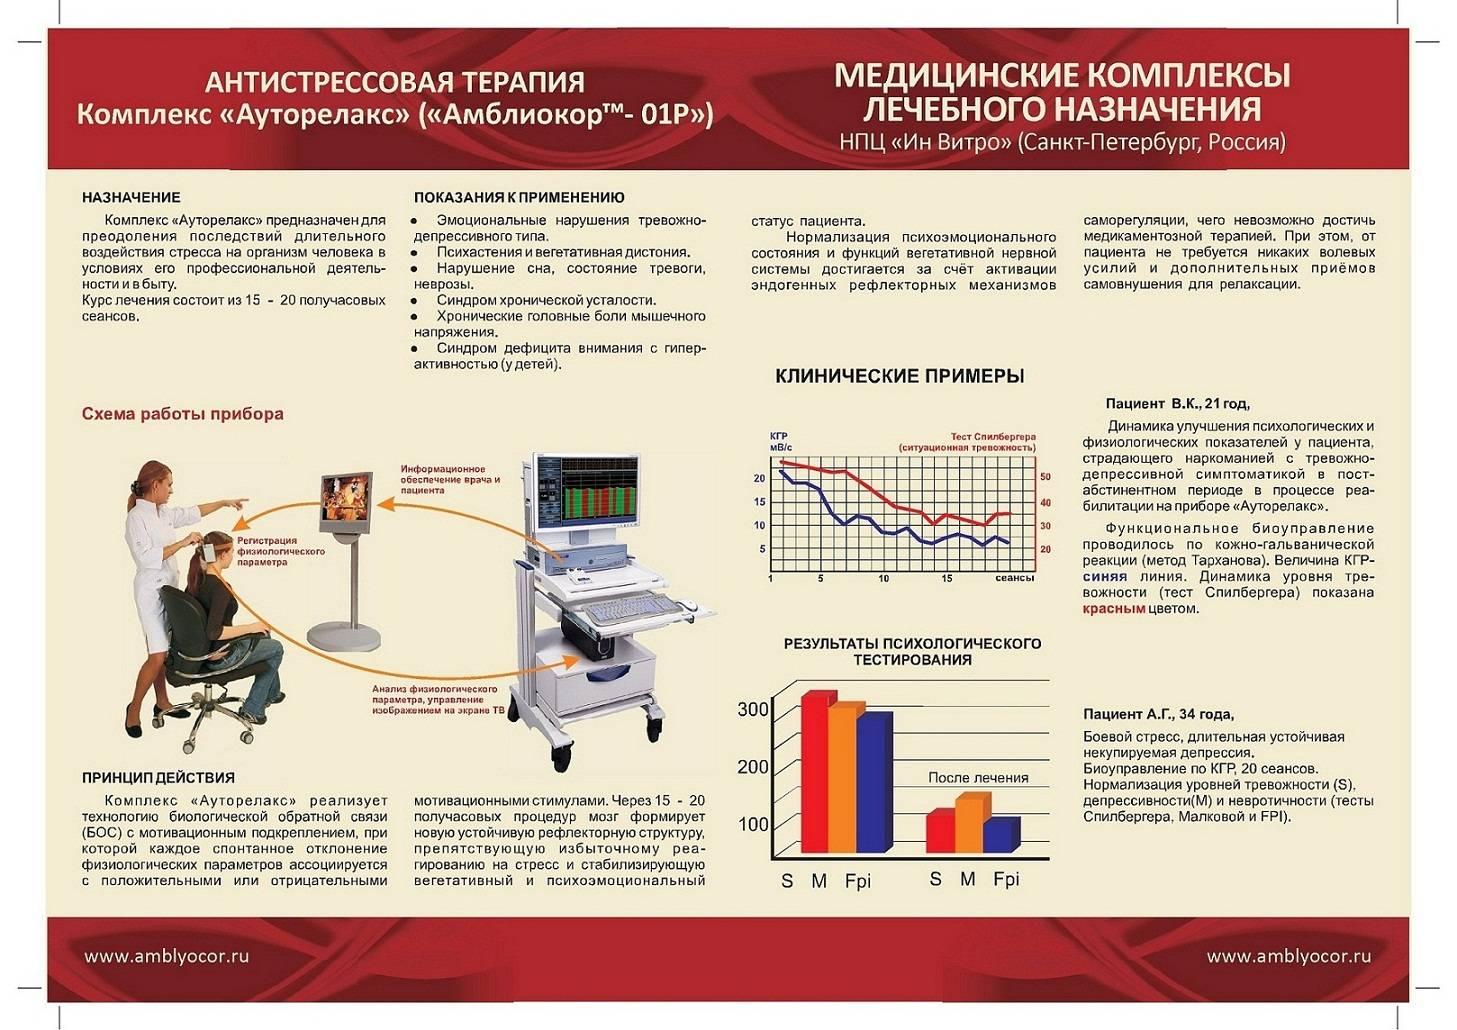 Амблиокор обзор аппарата эффективность процедуры отзывы - мед портал tvoiamedkarta.ru